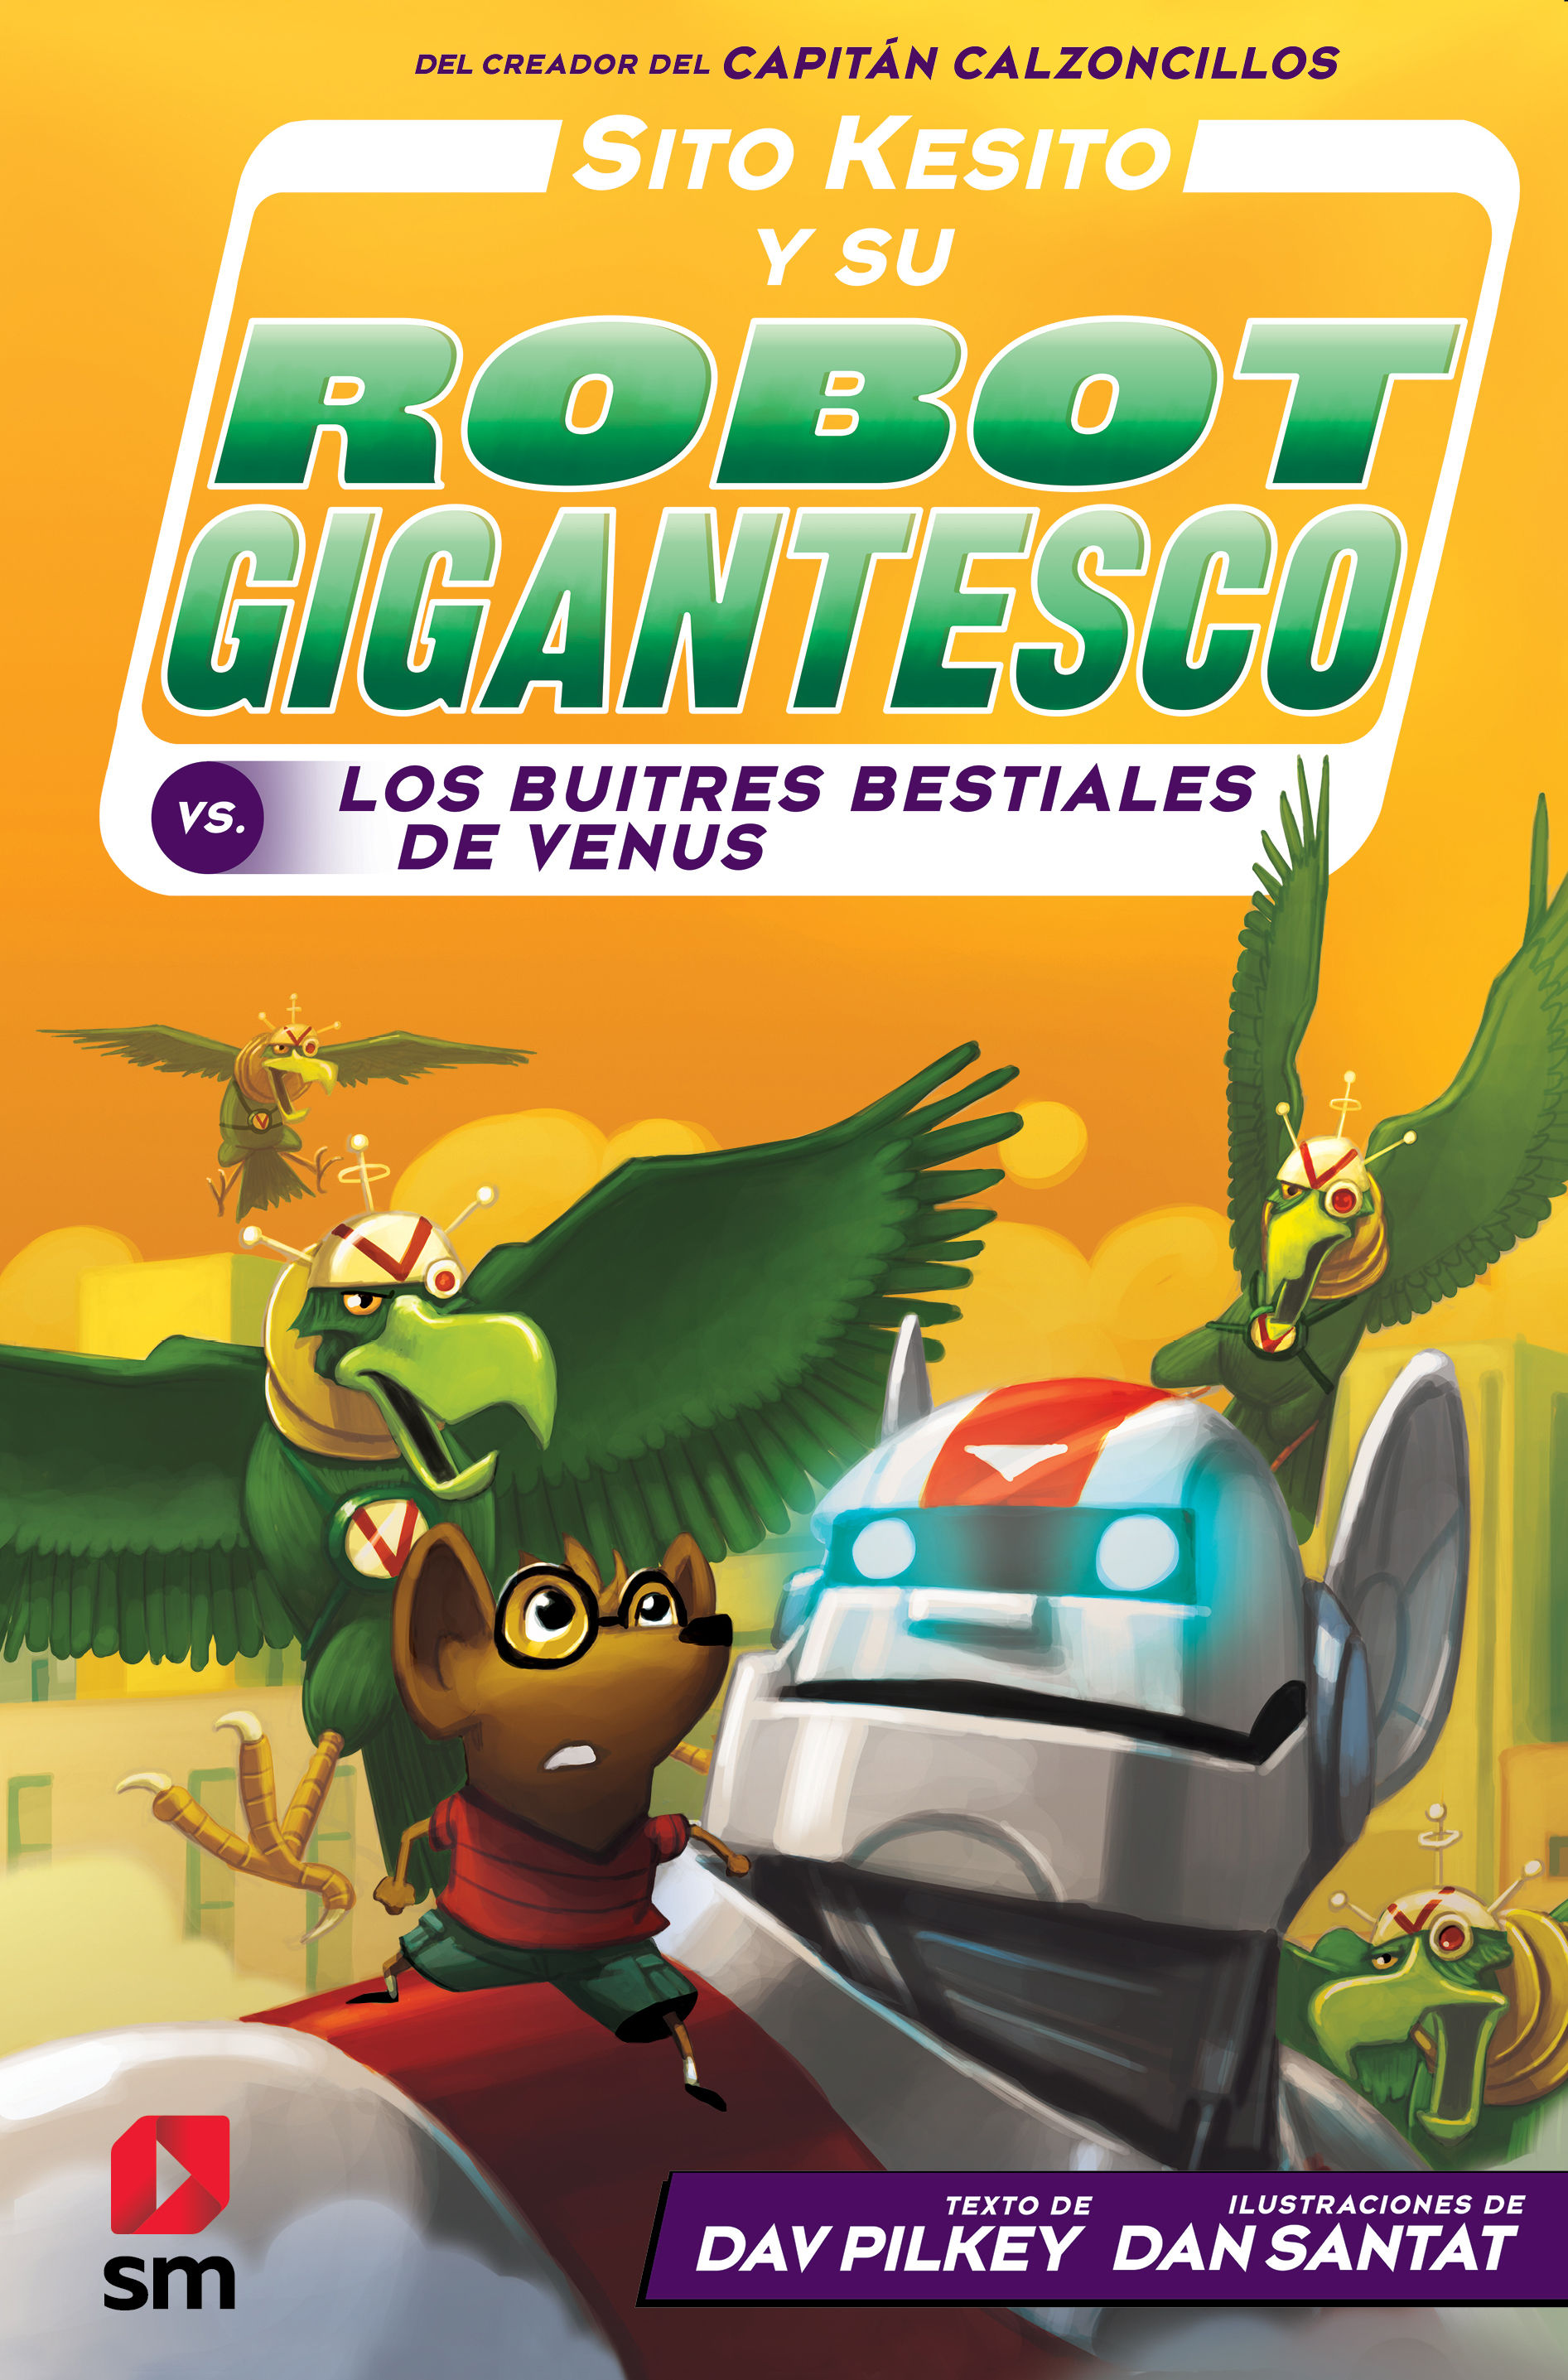 SITO KESITO Y SU ROBOT GIGANTESCO 3 LOS BUITRES BESTIALES DE VENUS